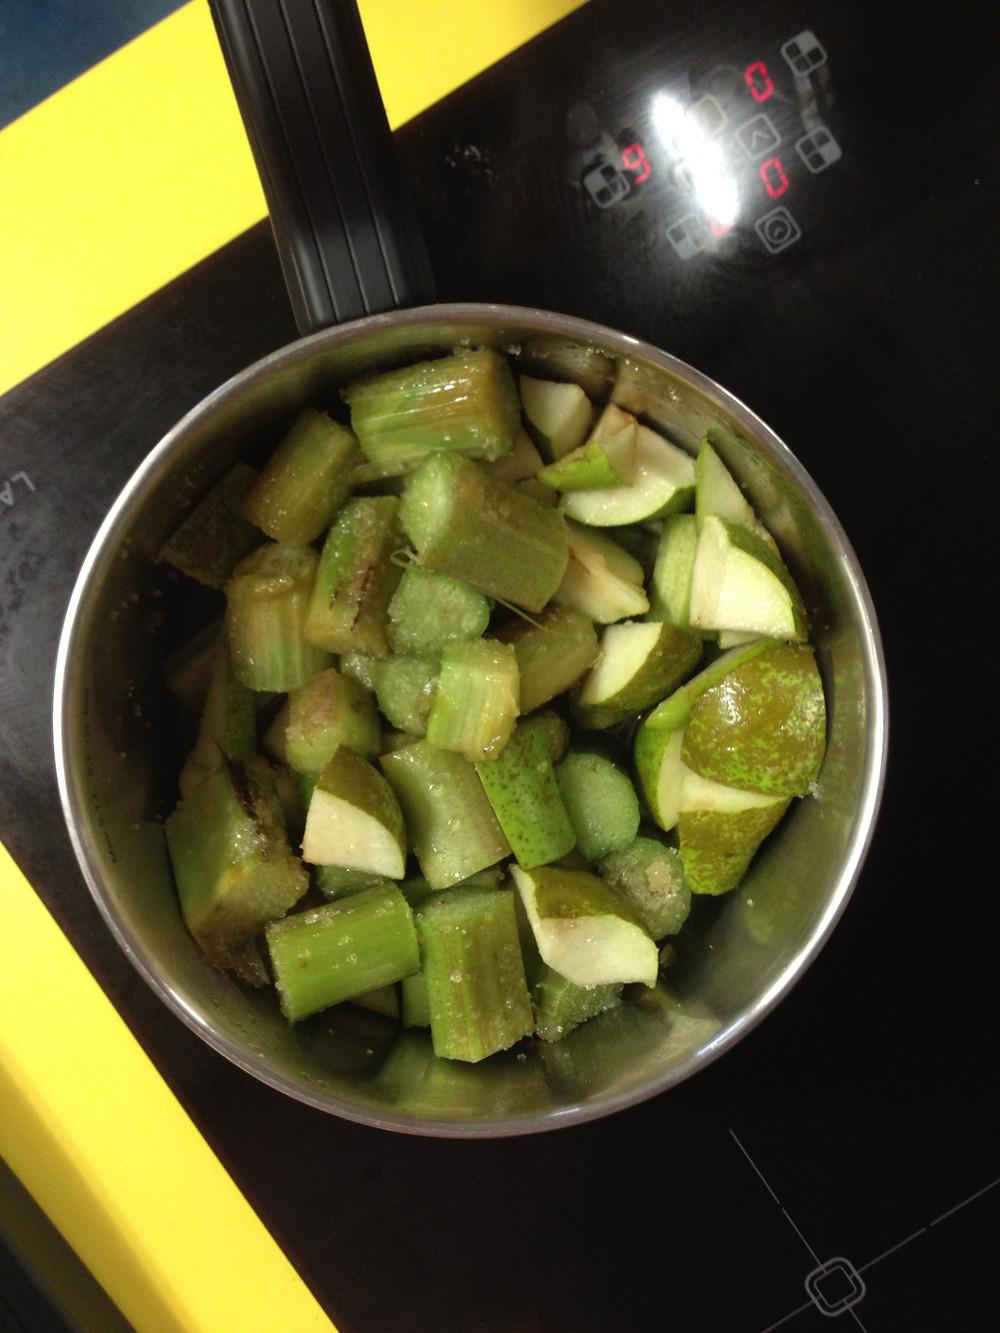 Rhubarb and pears